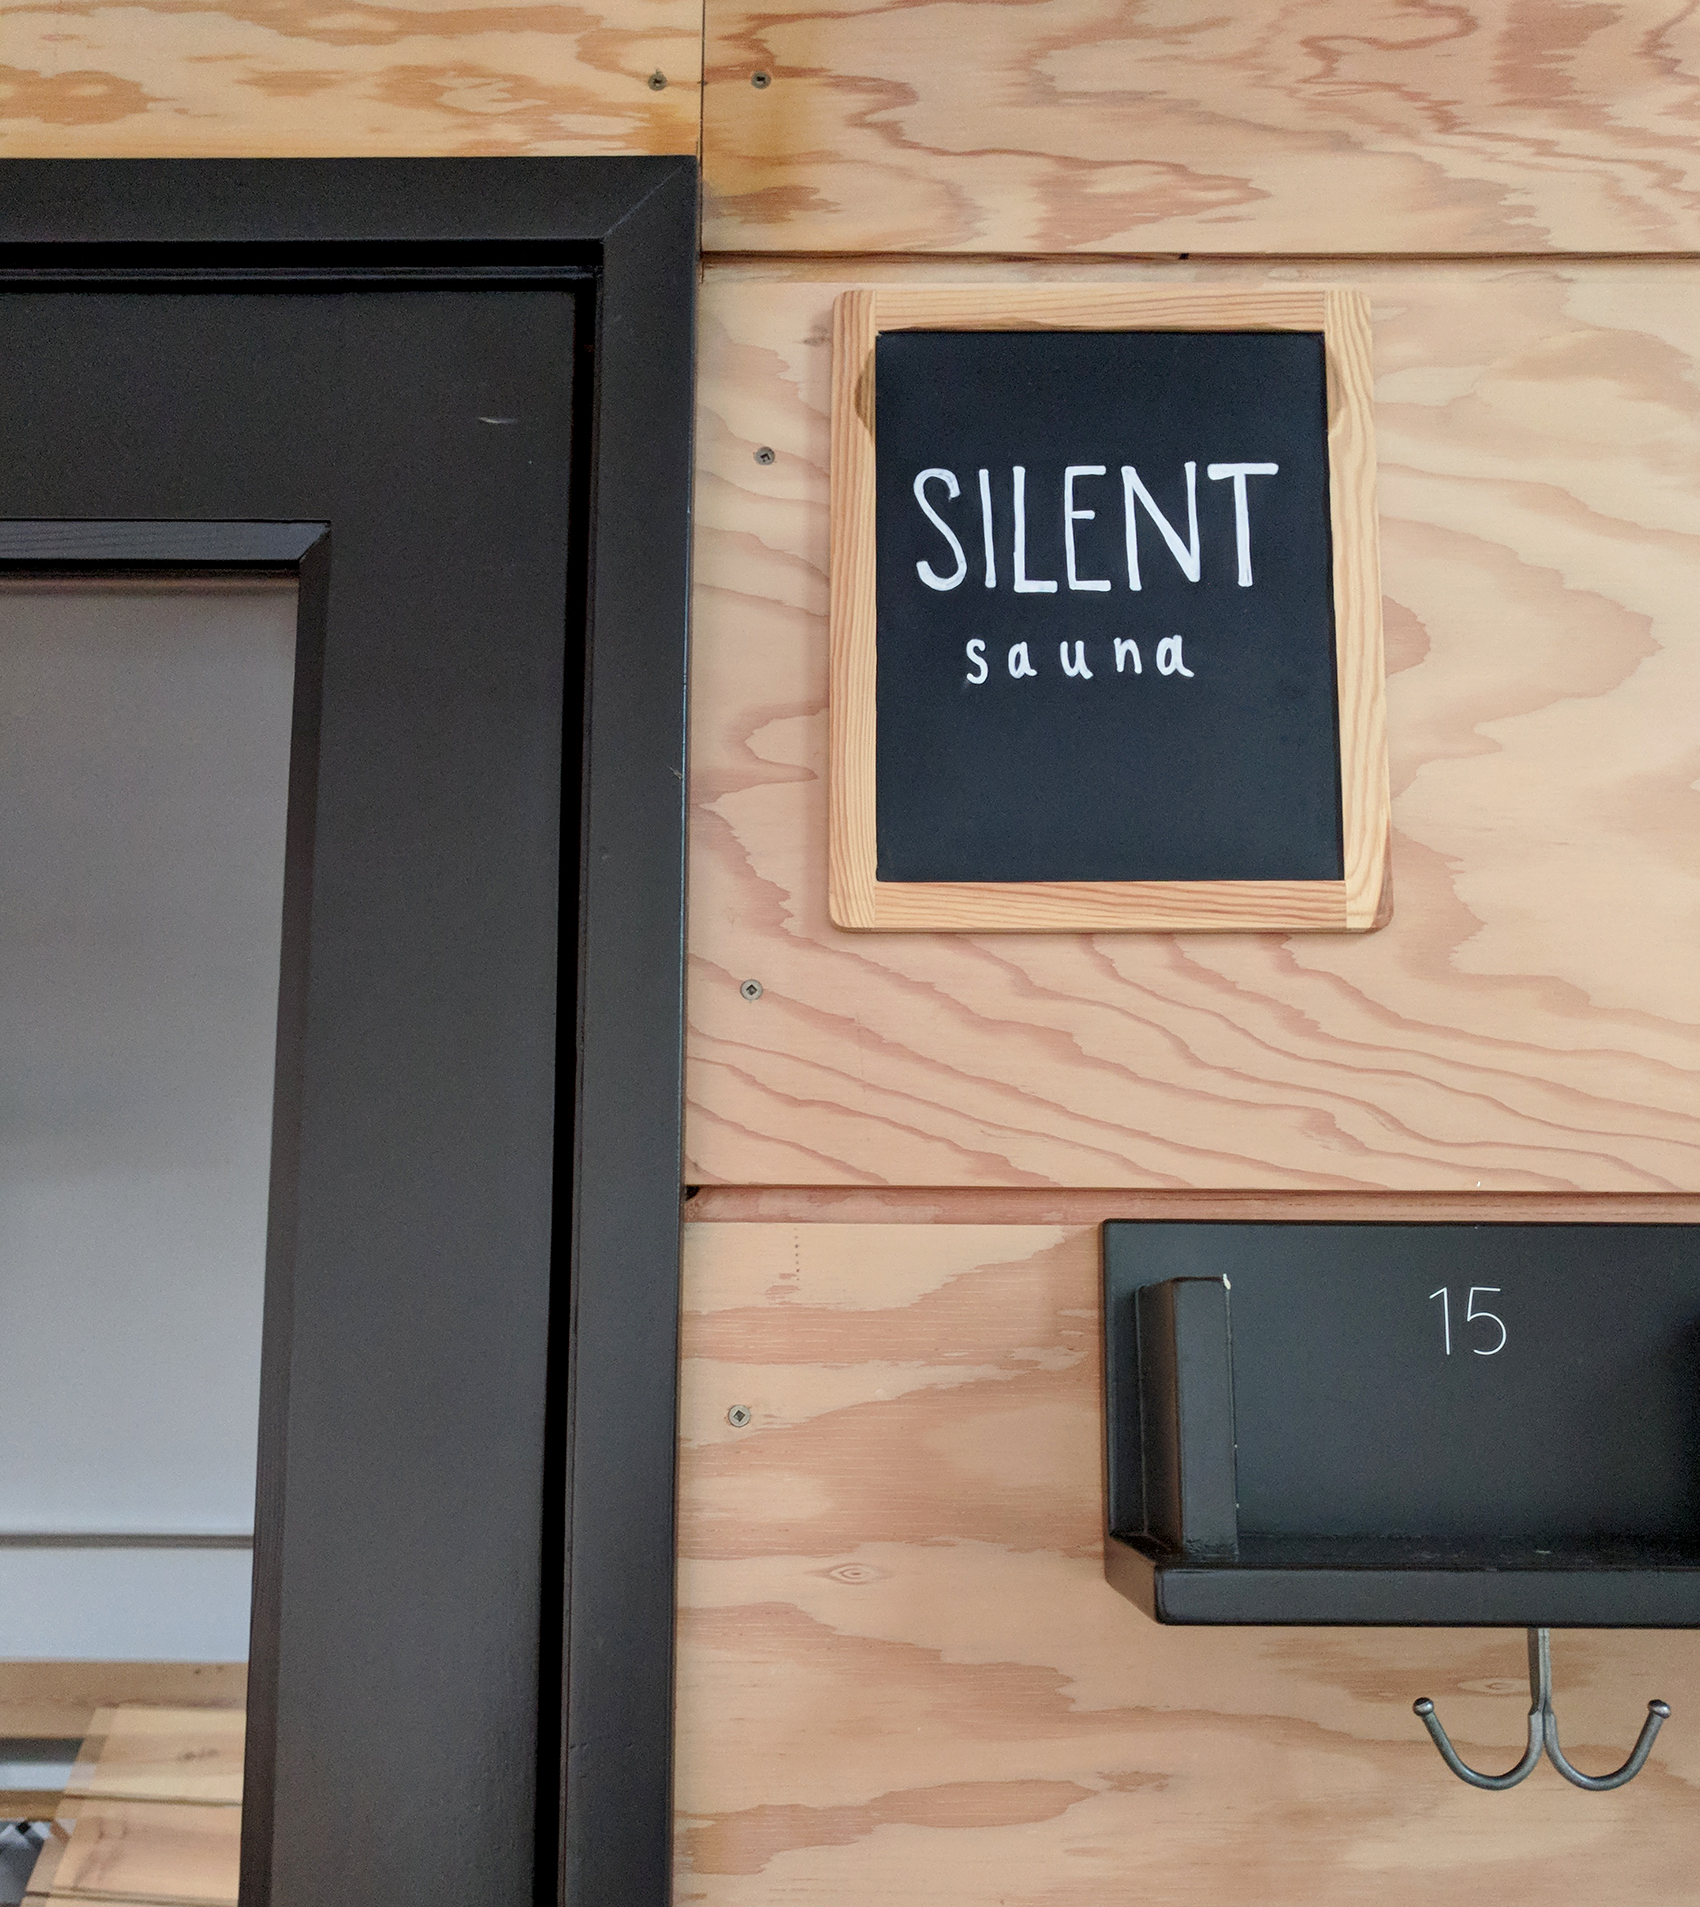 Loyly-sauna-sign.jpg